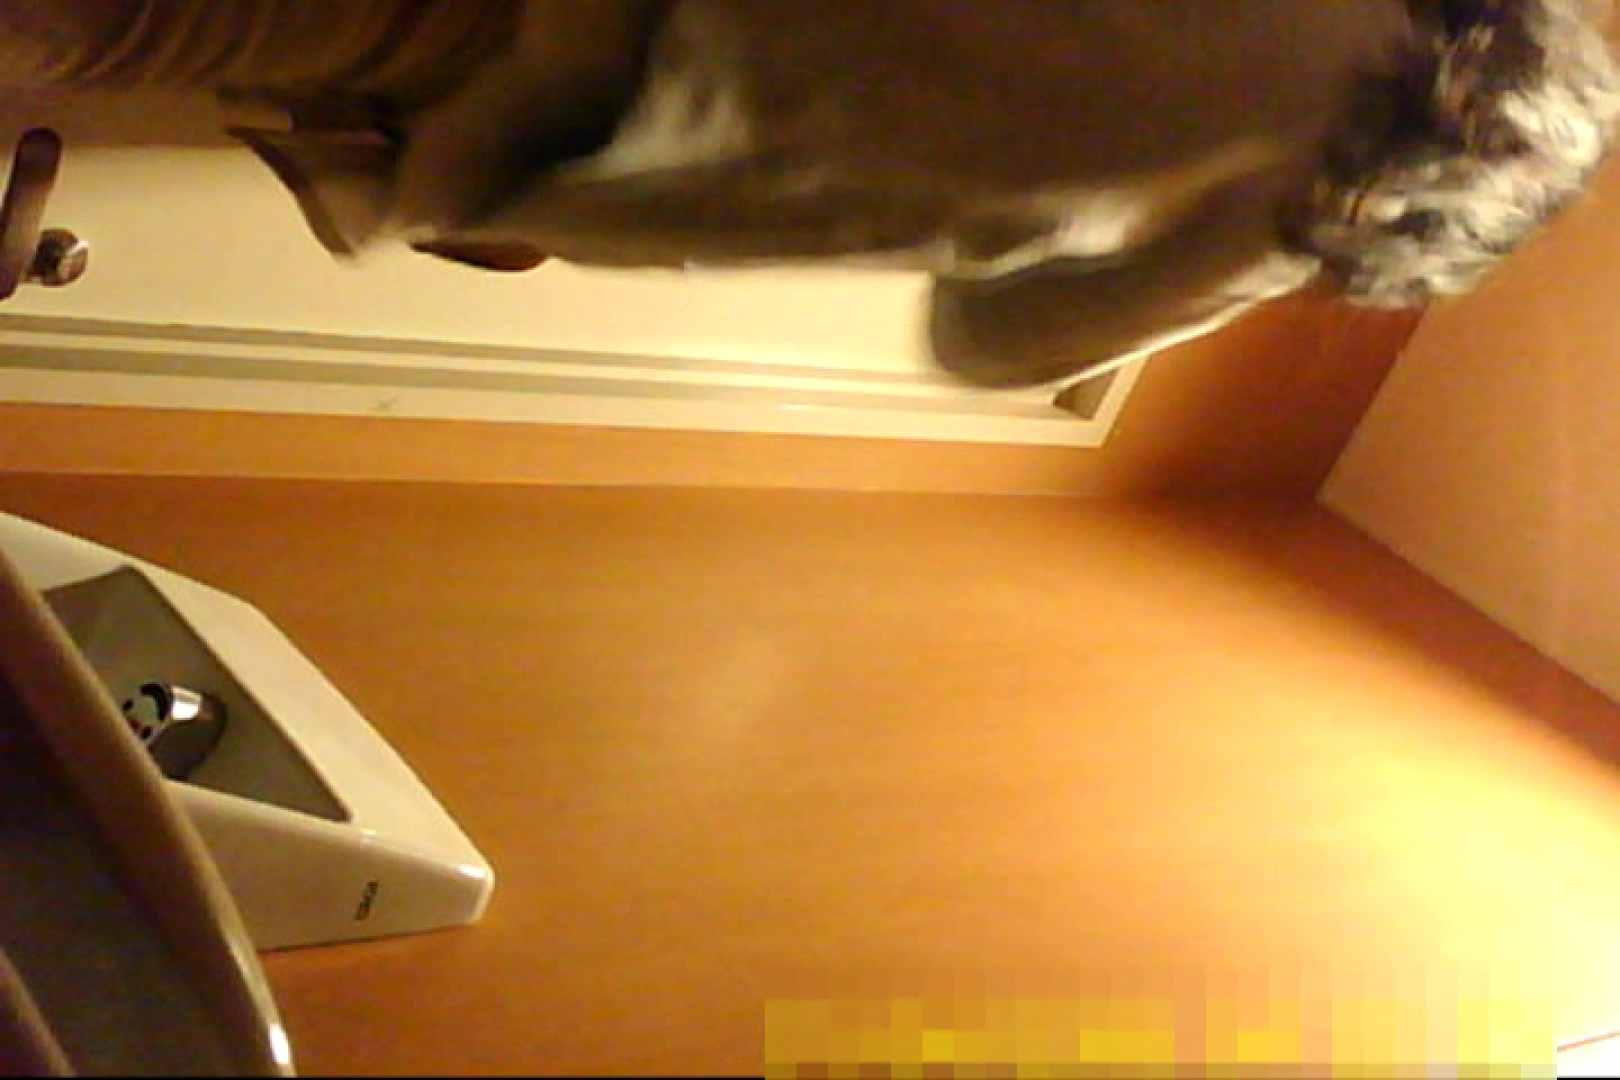 魅惑の化粧室~禁断のプライベート空間~33 プライベート  91画像 62